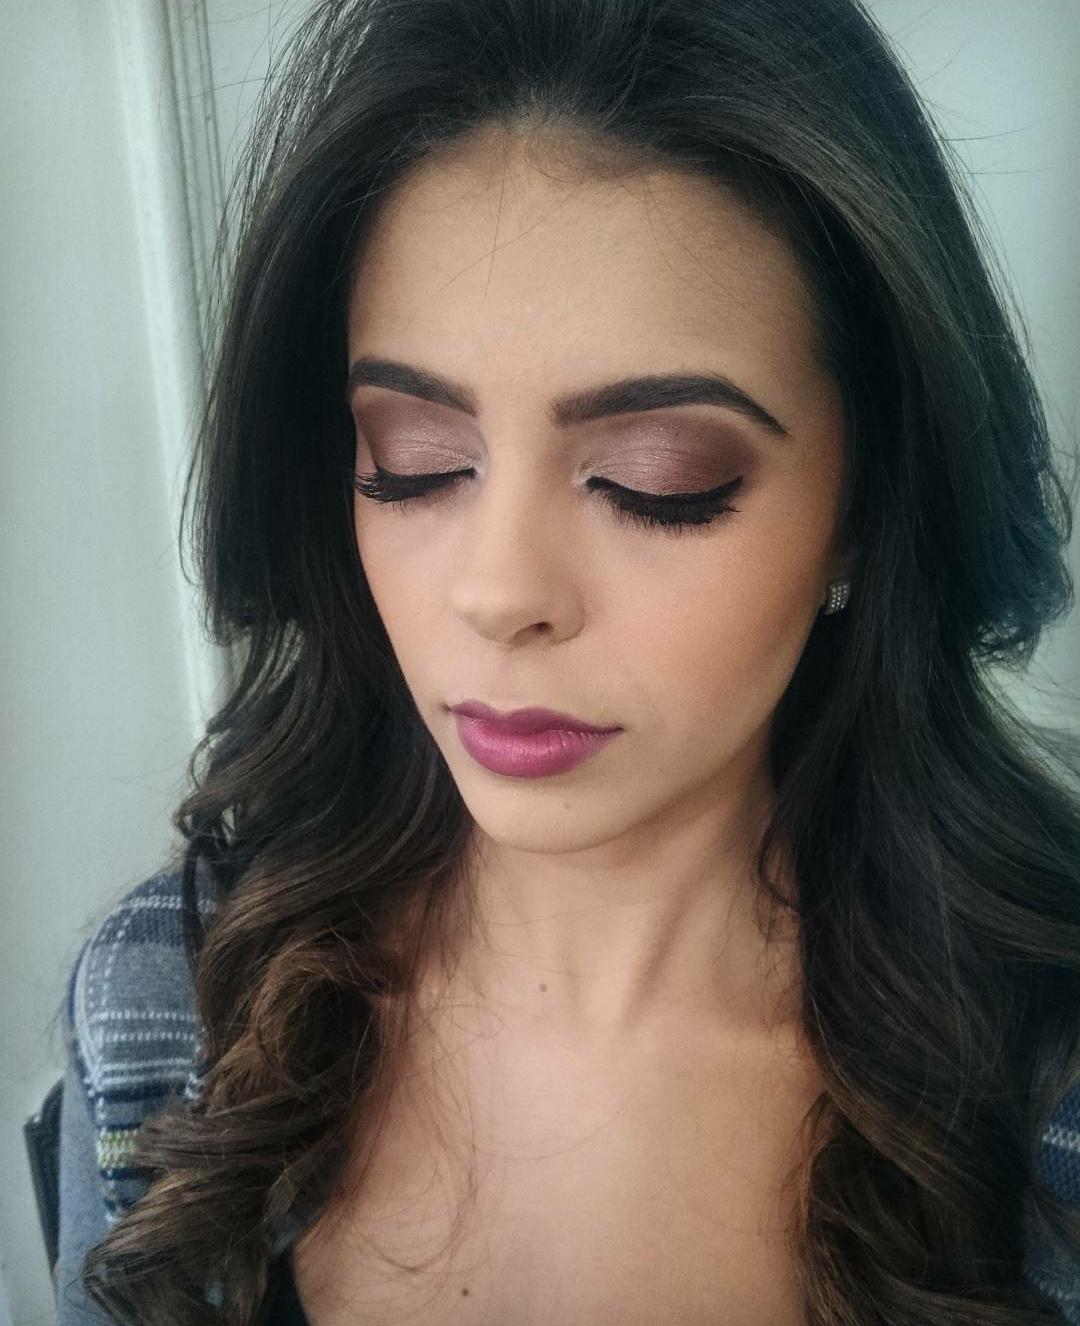 #makeup #maquiagem #make #cabelo maquiagem cabeleireiro(a) stylist / visagista maquiador(a) designer de sobrancelhas